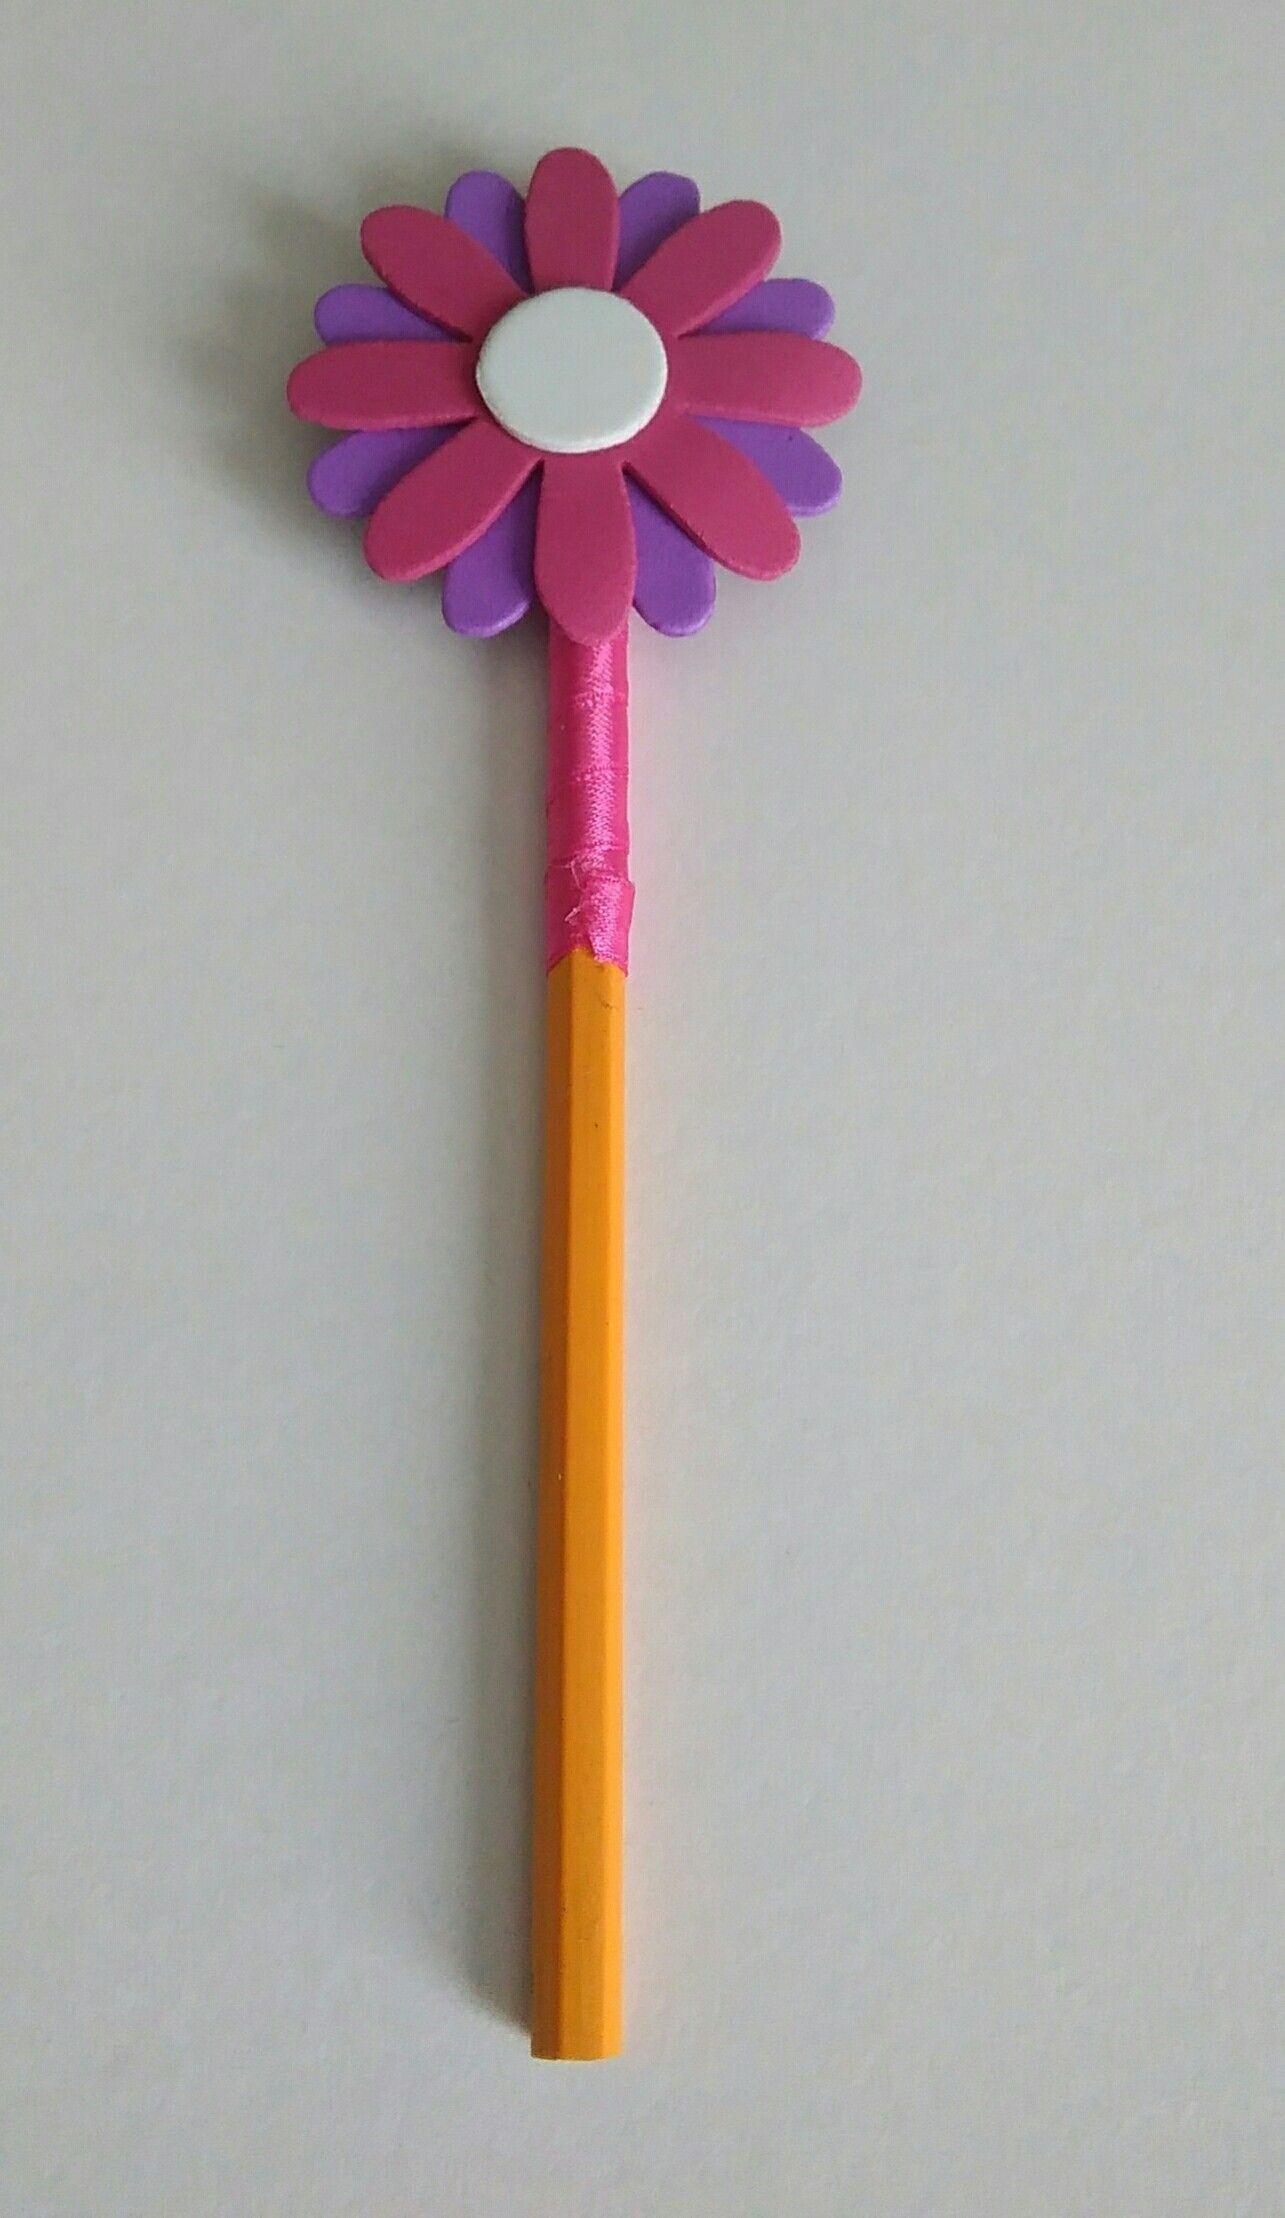 matita rivestita con nastrino,fiore realizzato in gomma crepla per info contattatemi via email rdlmcl@hotmail.it